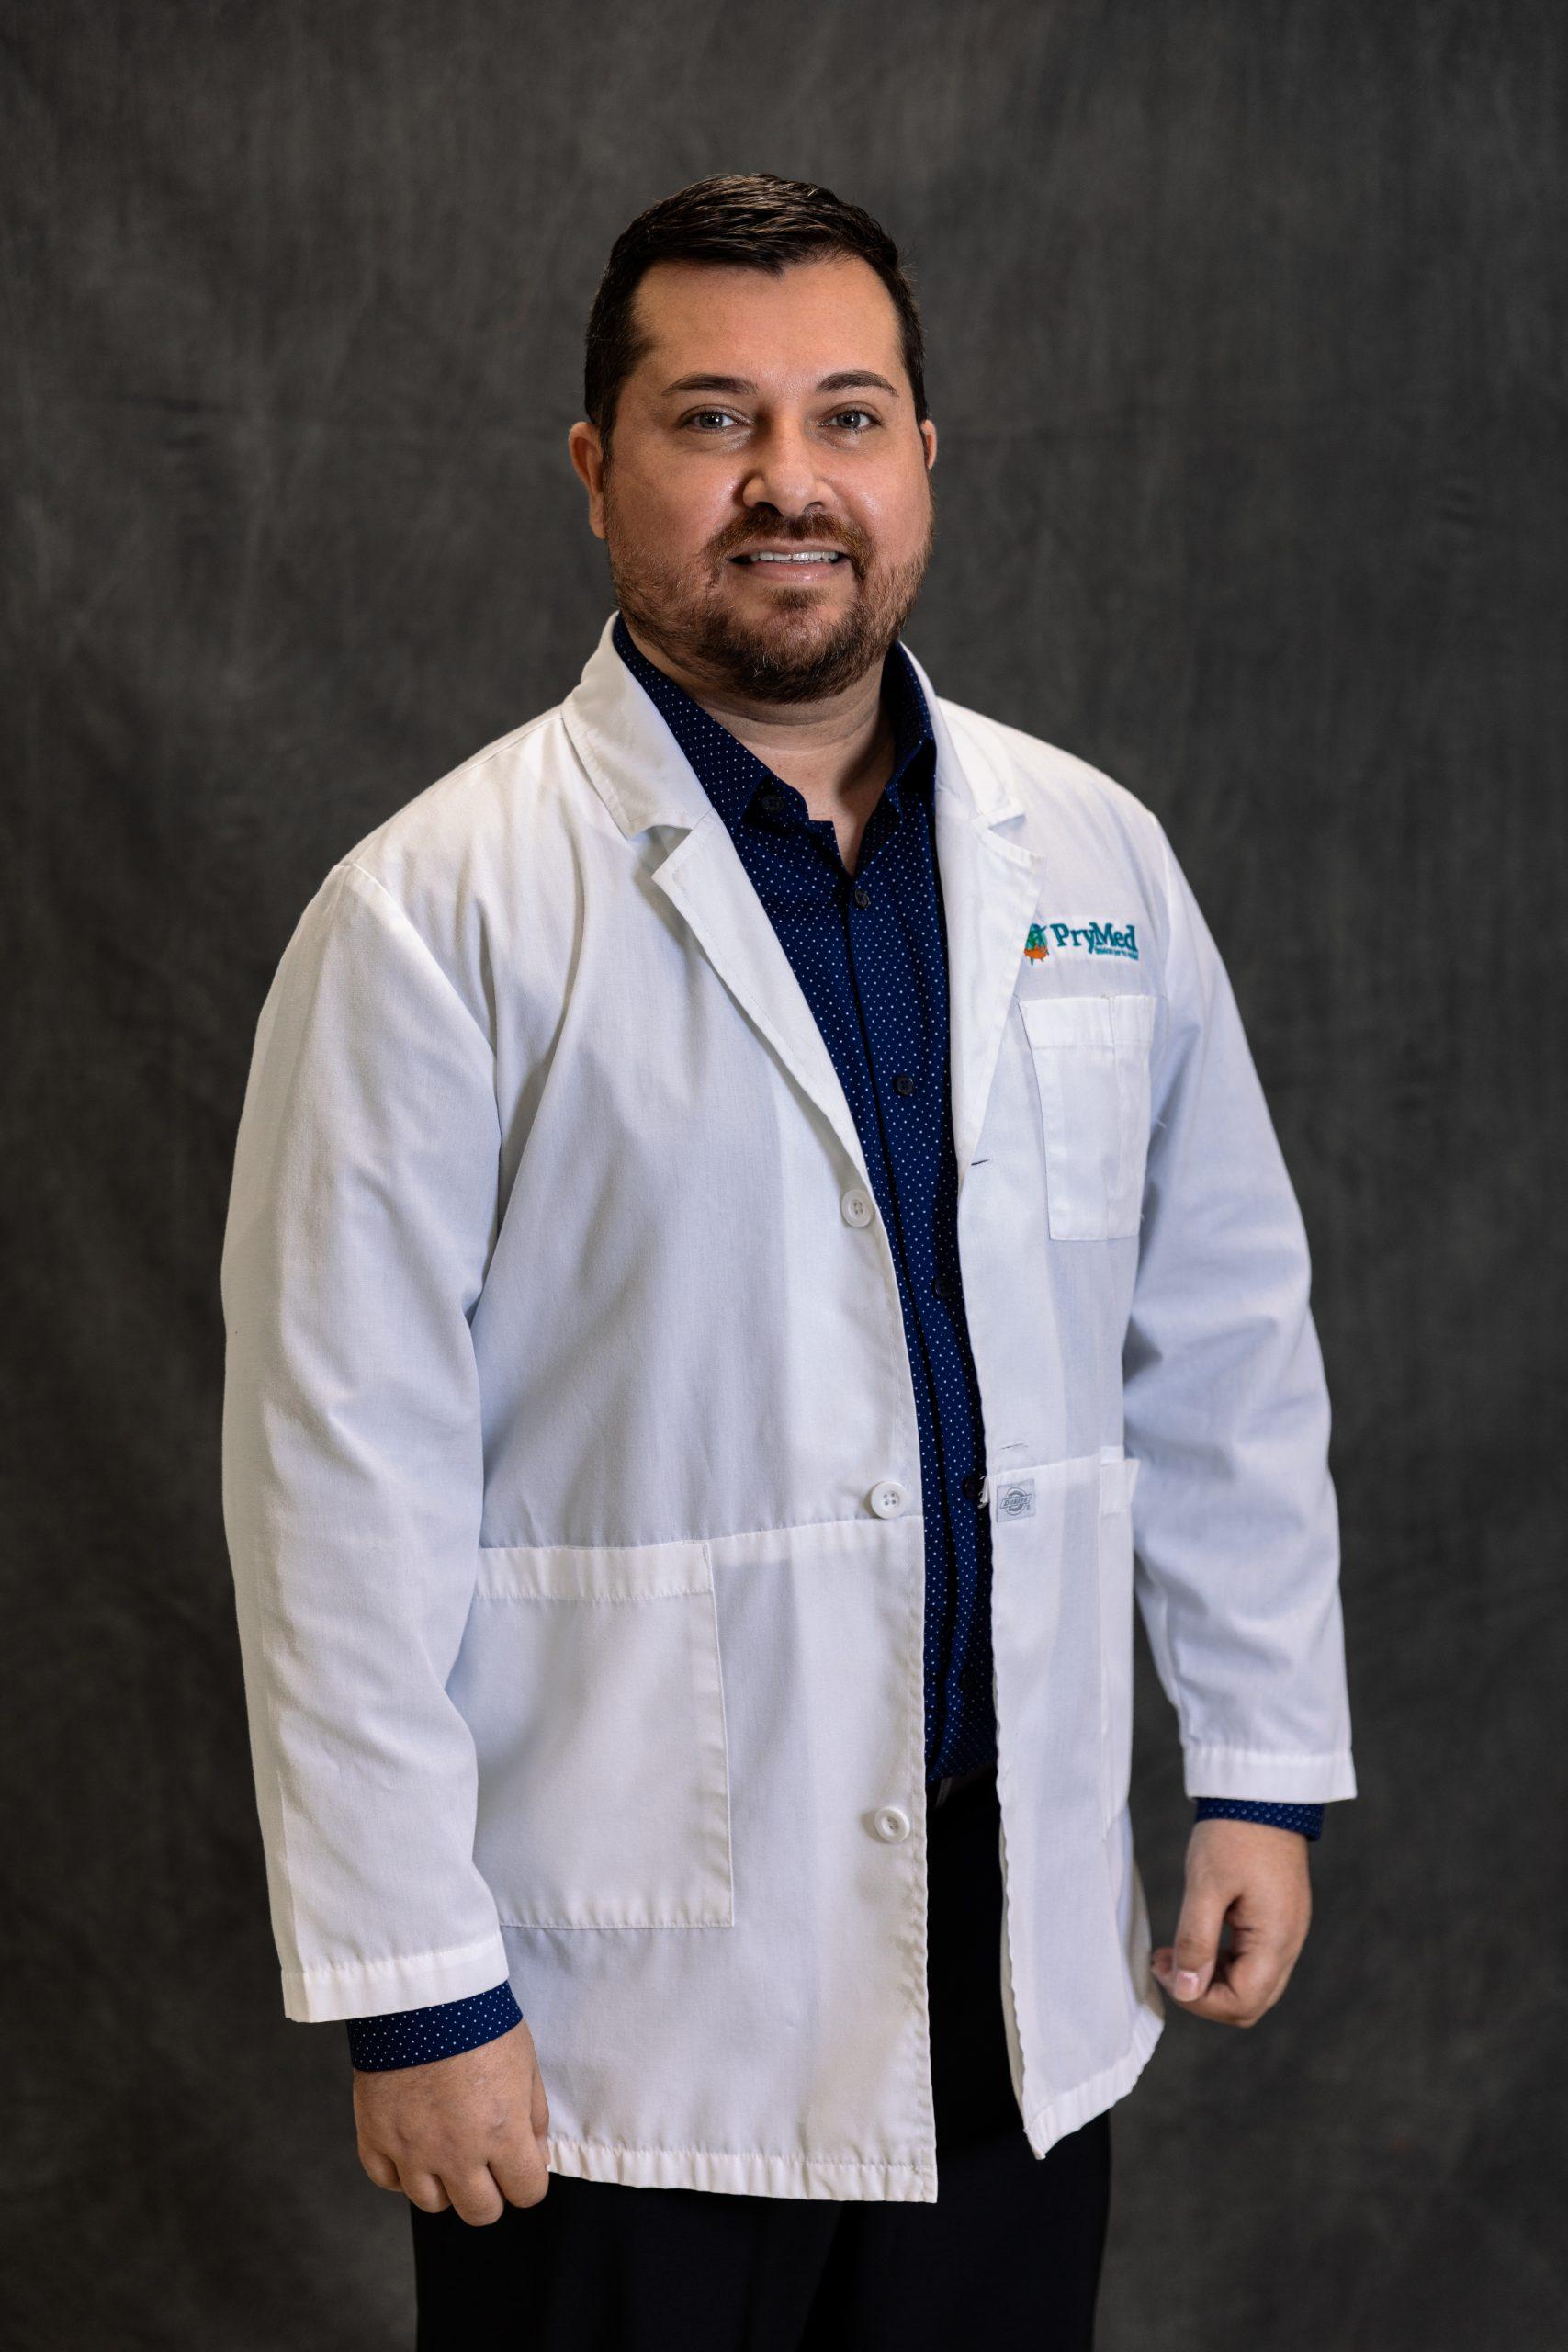 Dr. Juan Figueroa Carrer